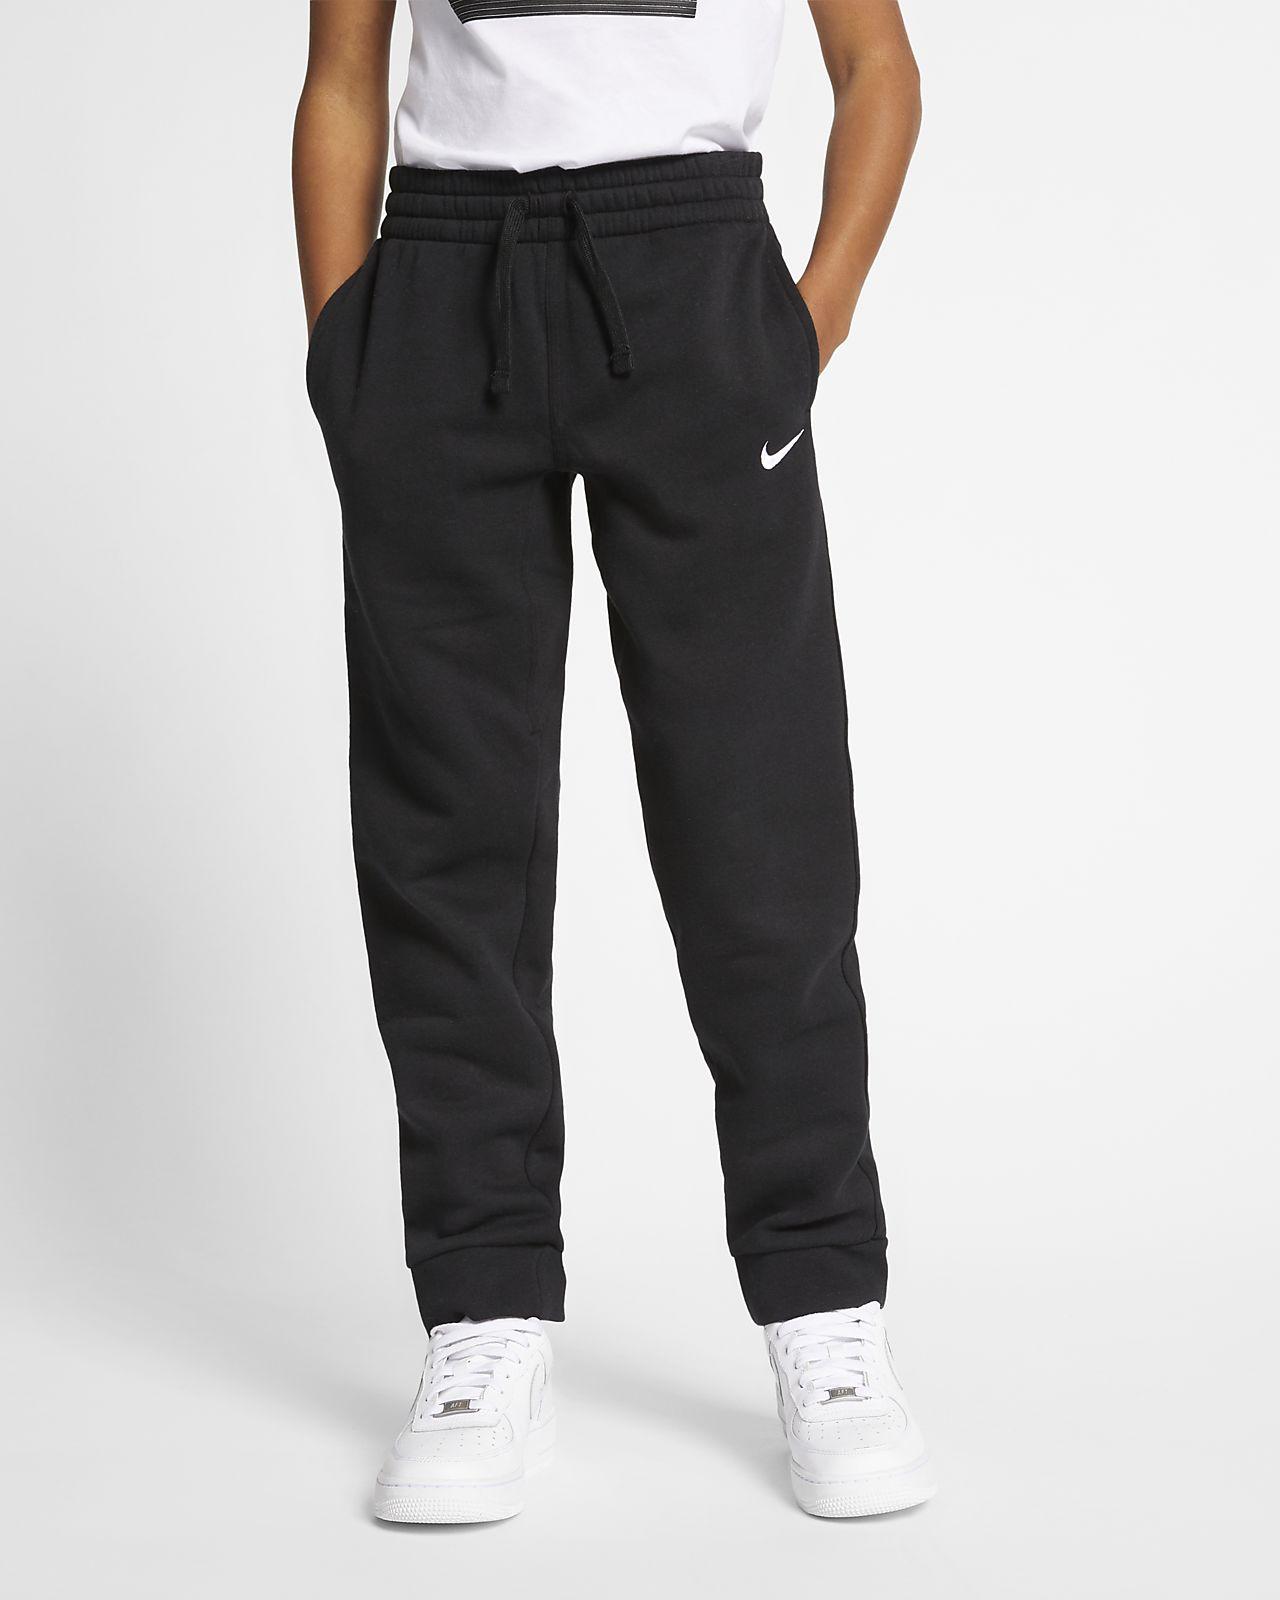 Παντελόνι Nike για μεγάλα παιδιά